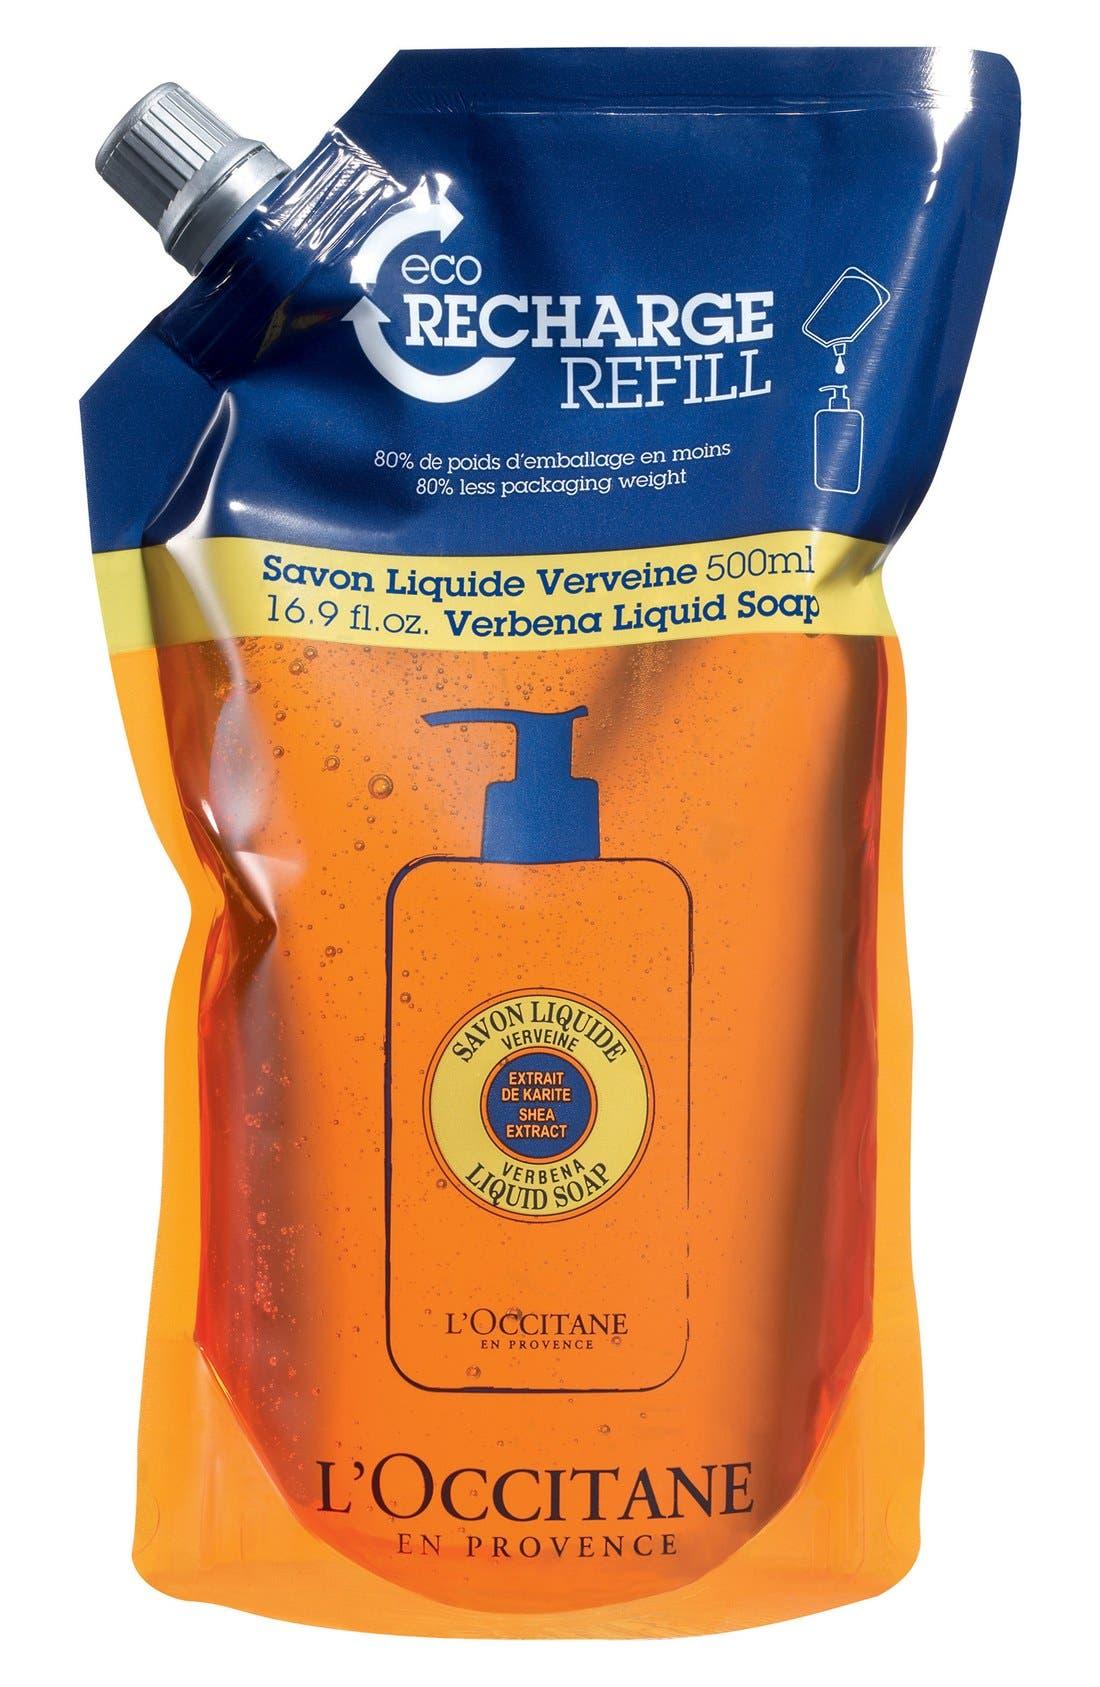 L'Occitane 'Verbena' Liquid Soap Eco-Refill